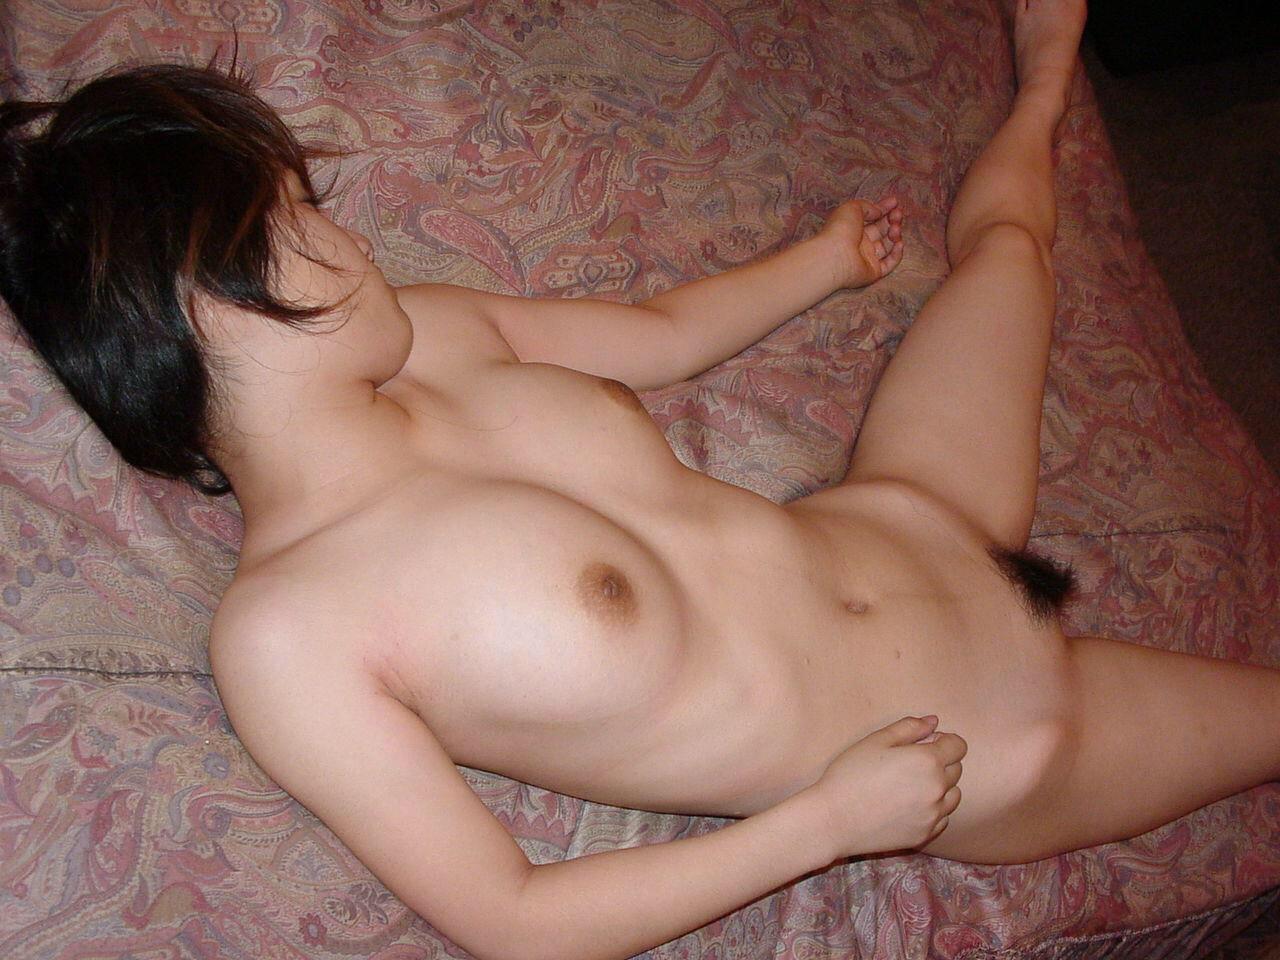 イキ過ぎてセックス直後に賢者で寝てる彼女のスケべヌードwwwおまんこおっぱい丸出しwww 0476